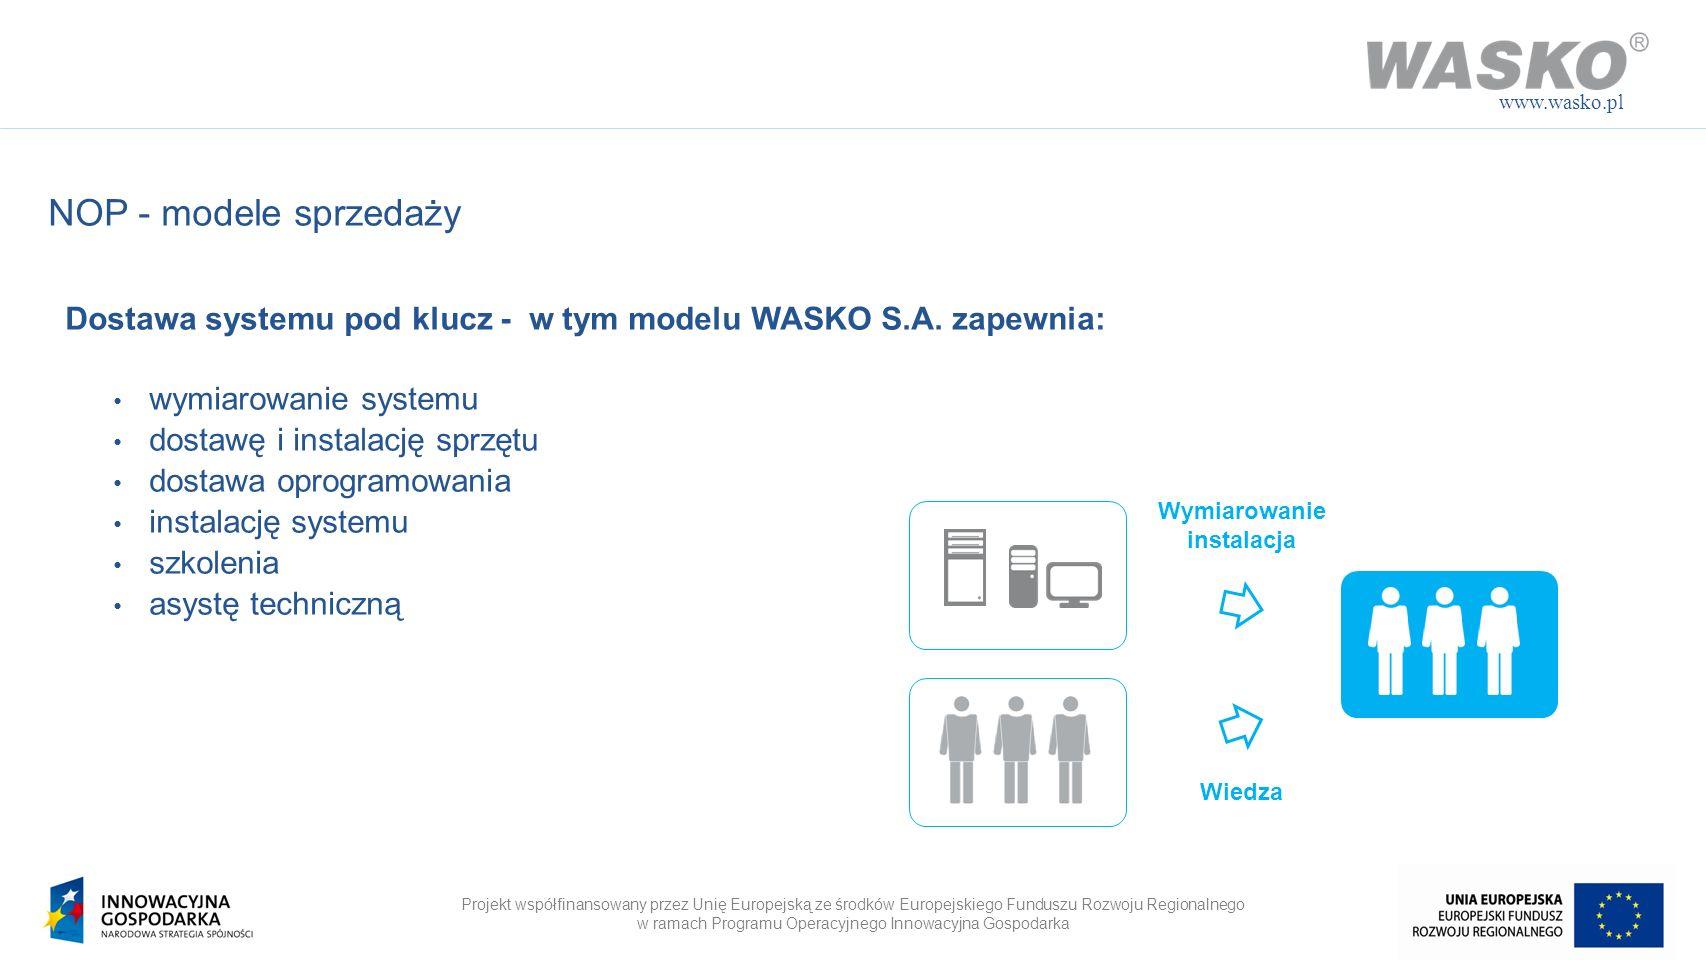 www.wasko.pl NOP - modele sprzedaży. Dostawa systemu pod klucz - w tym modelu WASKO S.A. zapewnia: